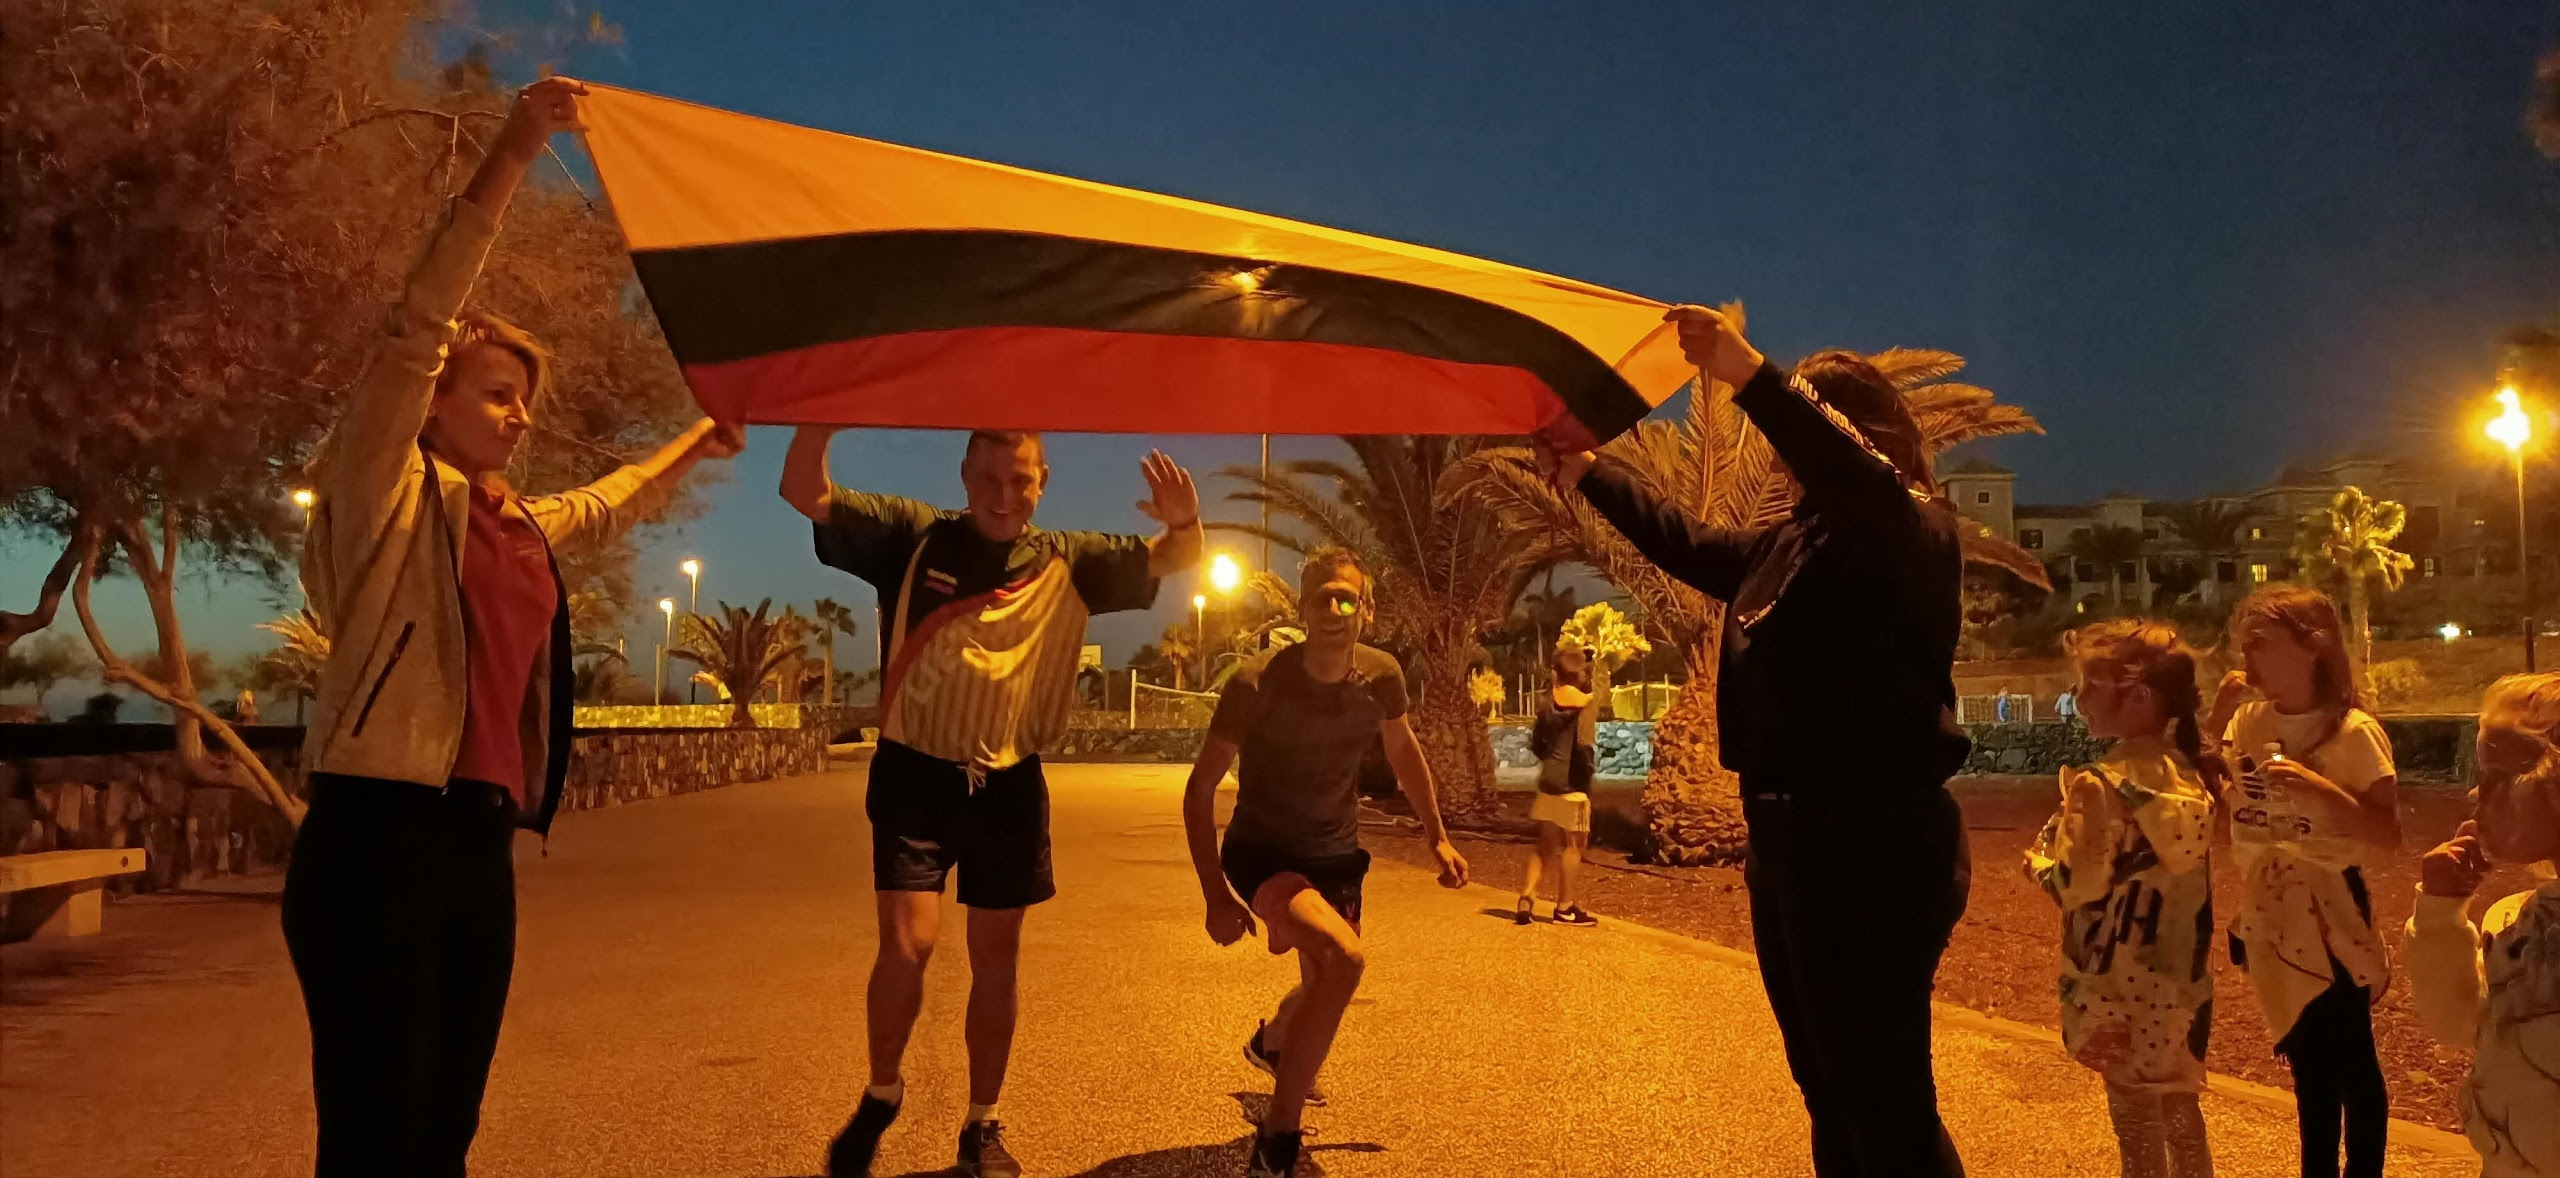 Sausio 13-osios pagarbos bėgimas TENERIFĖJE Renginiai Tenerifeje Lietuviu bendruomene Tenerifeje